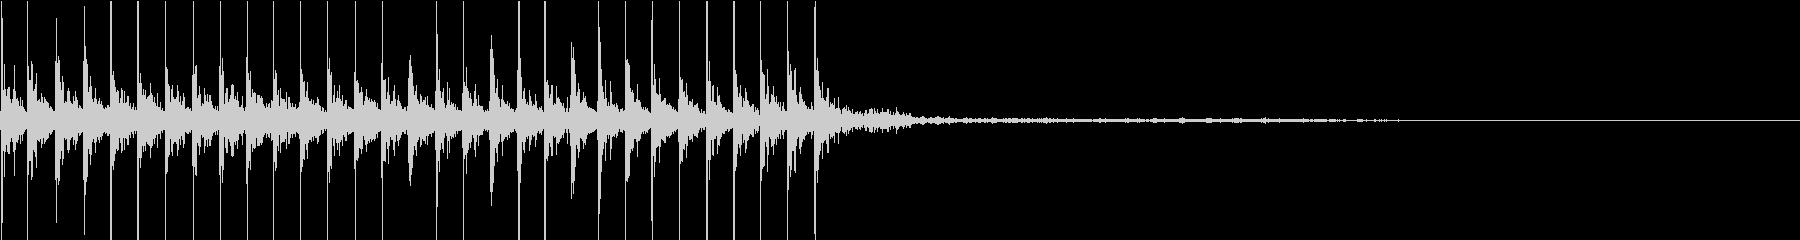 マシンガン02の未再生の波形